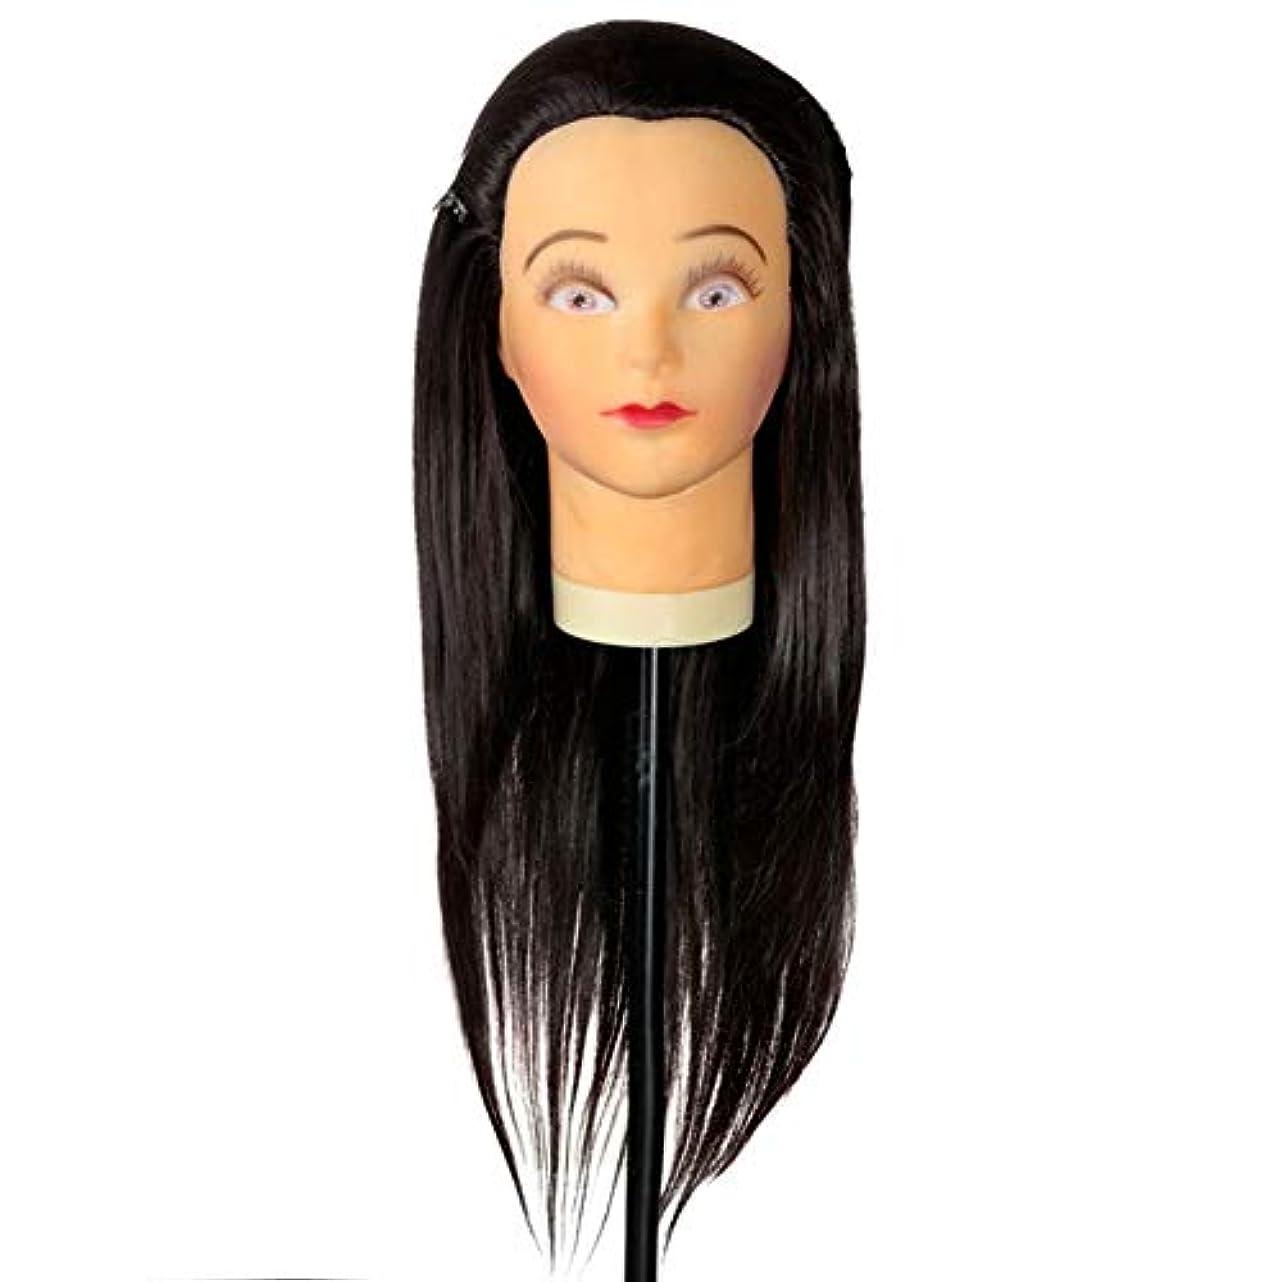 オーク真夜中ことわざメイクアップエクササイズディスク髪編組ヘッド金型デュアルユースダミーヘッドモデルヘッド美容ヘアカットティーチングヘッドかつら